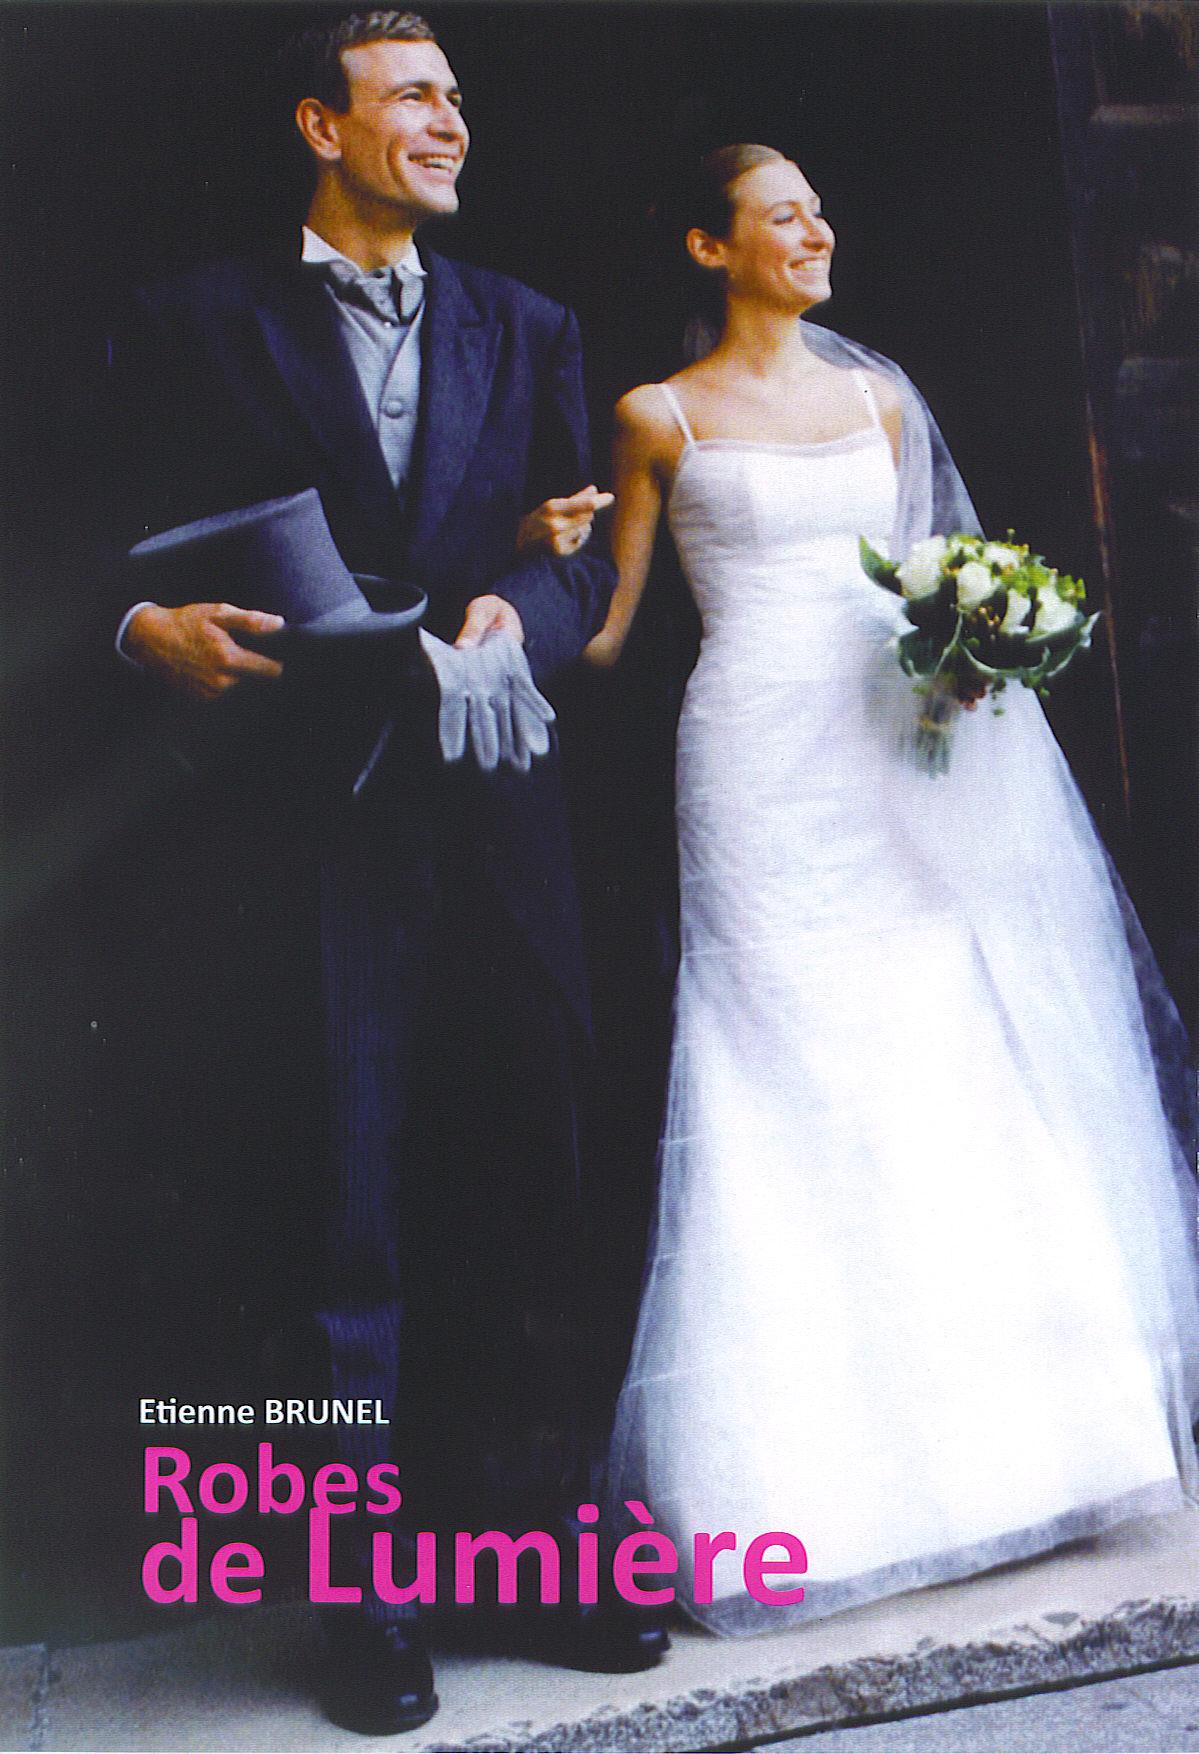 lofficiel-du-mariage-1